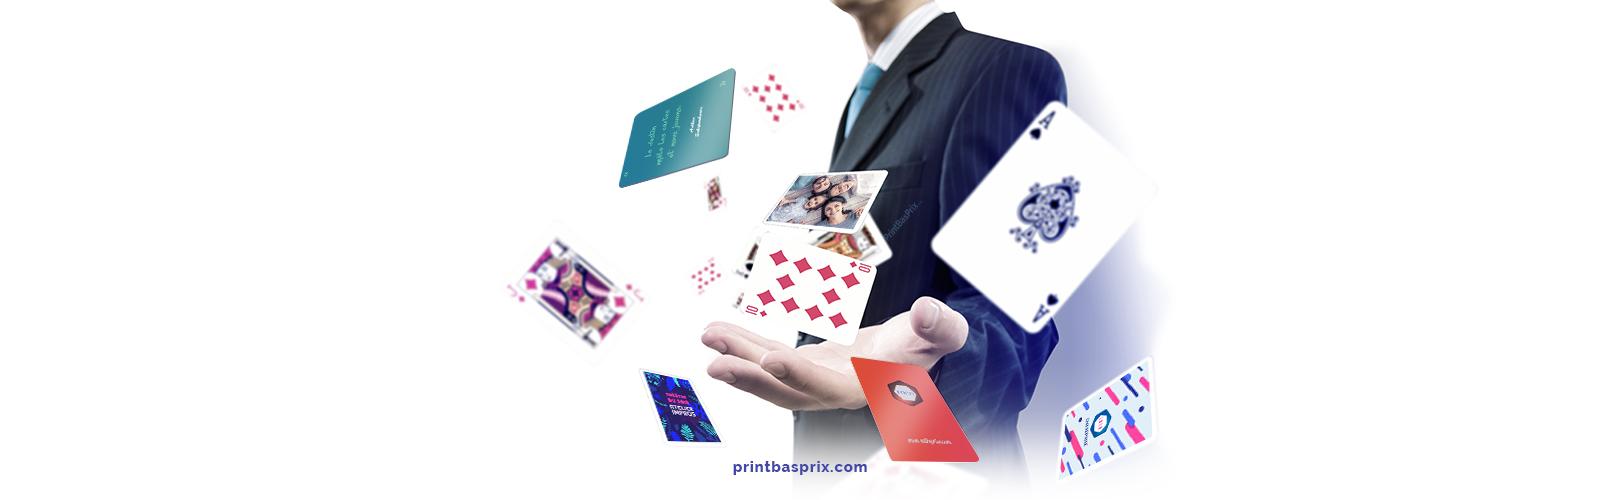 Comment Créer Son Propre Jeu De Cartes Personnalisé ? dedans Jeux De Cartes Gratuits En Ligne Sans Inscription